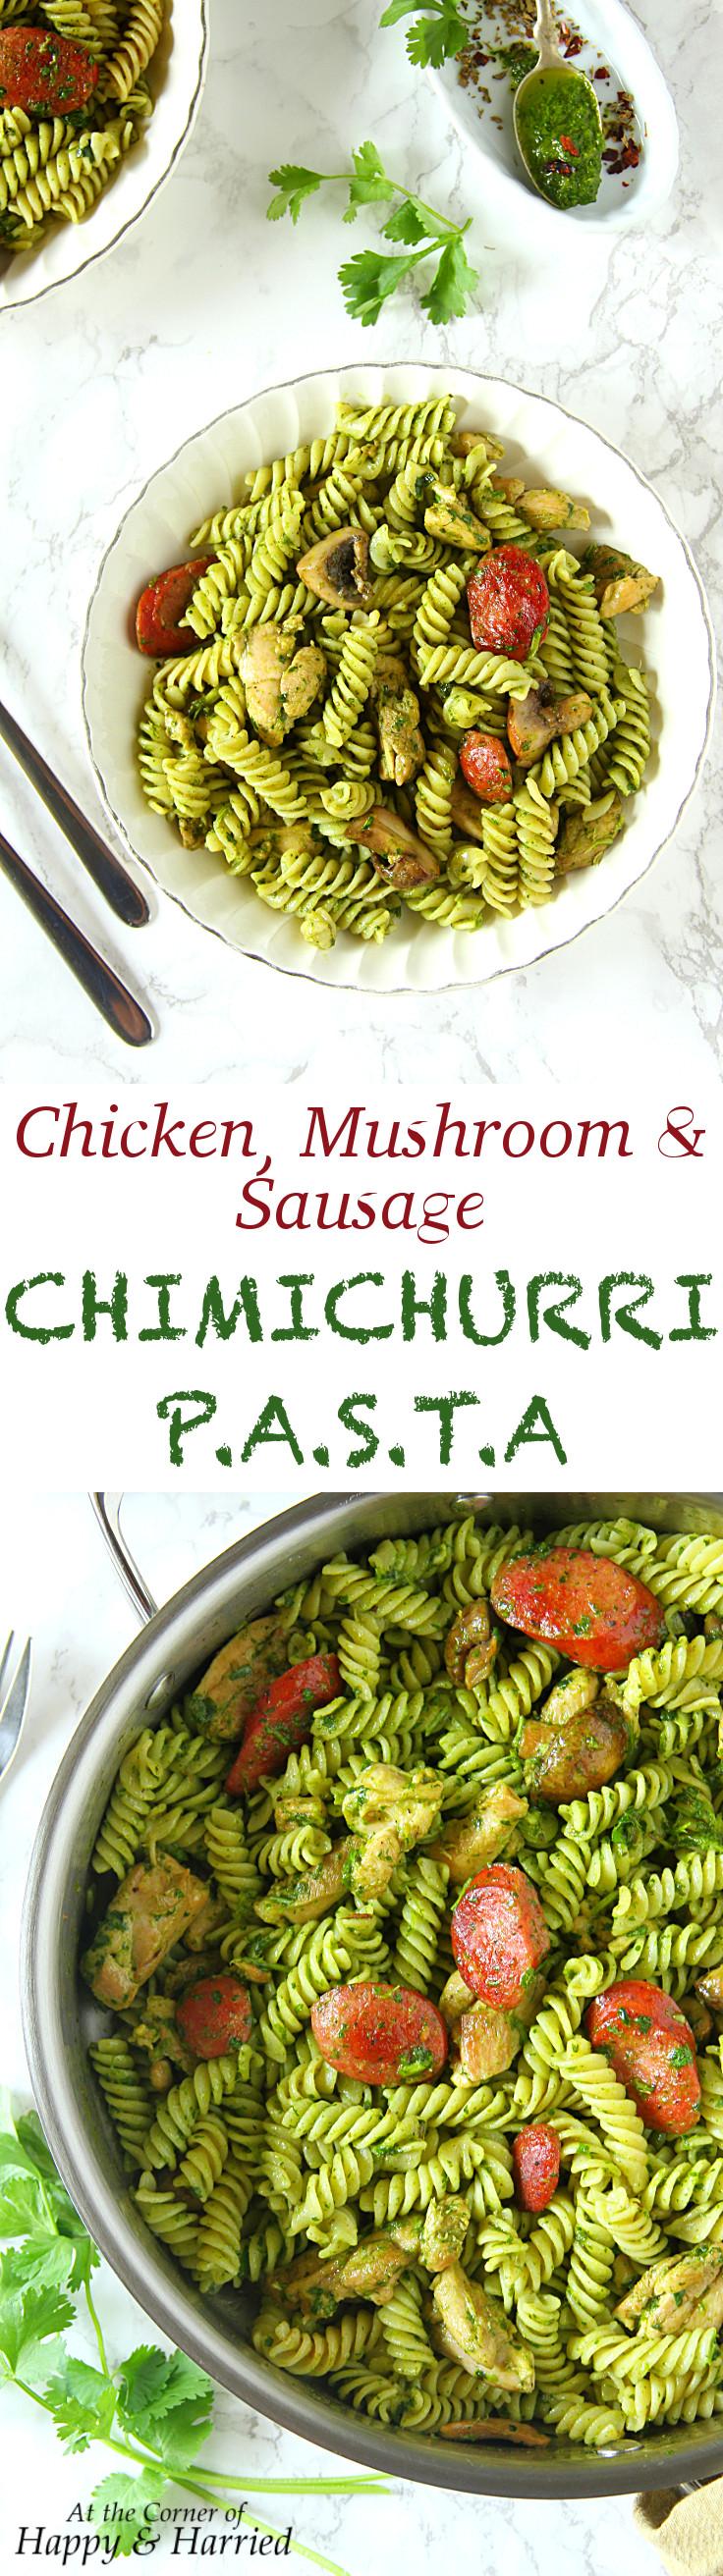 Chicken, Mushroom & Sausage Chimichurri Pasta